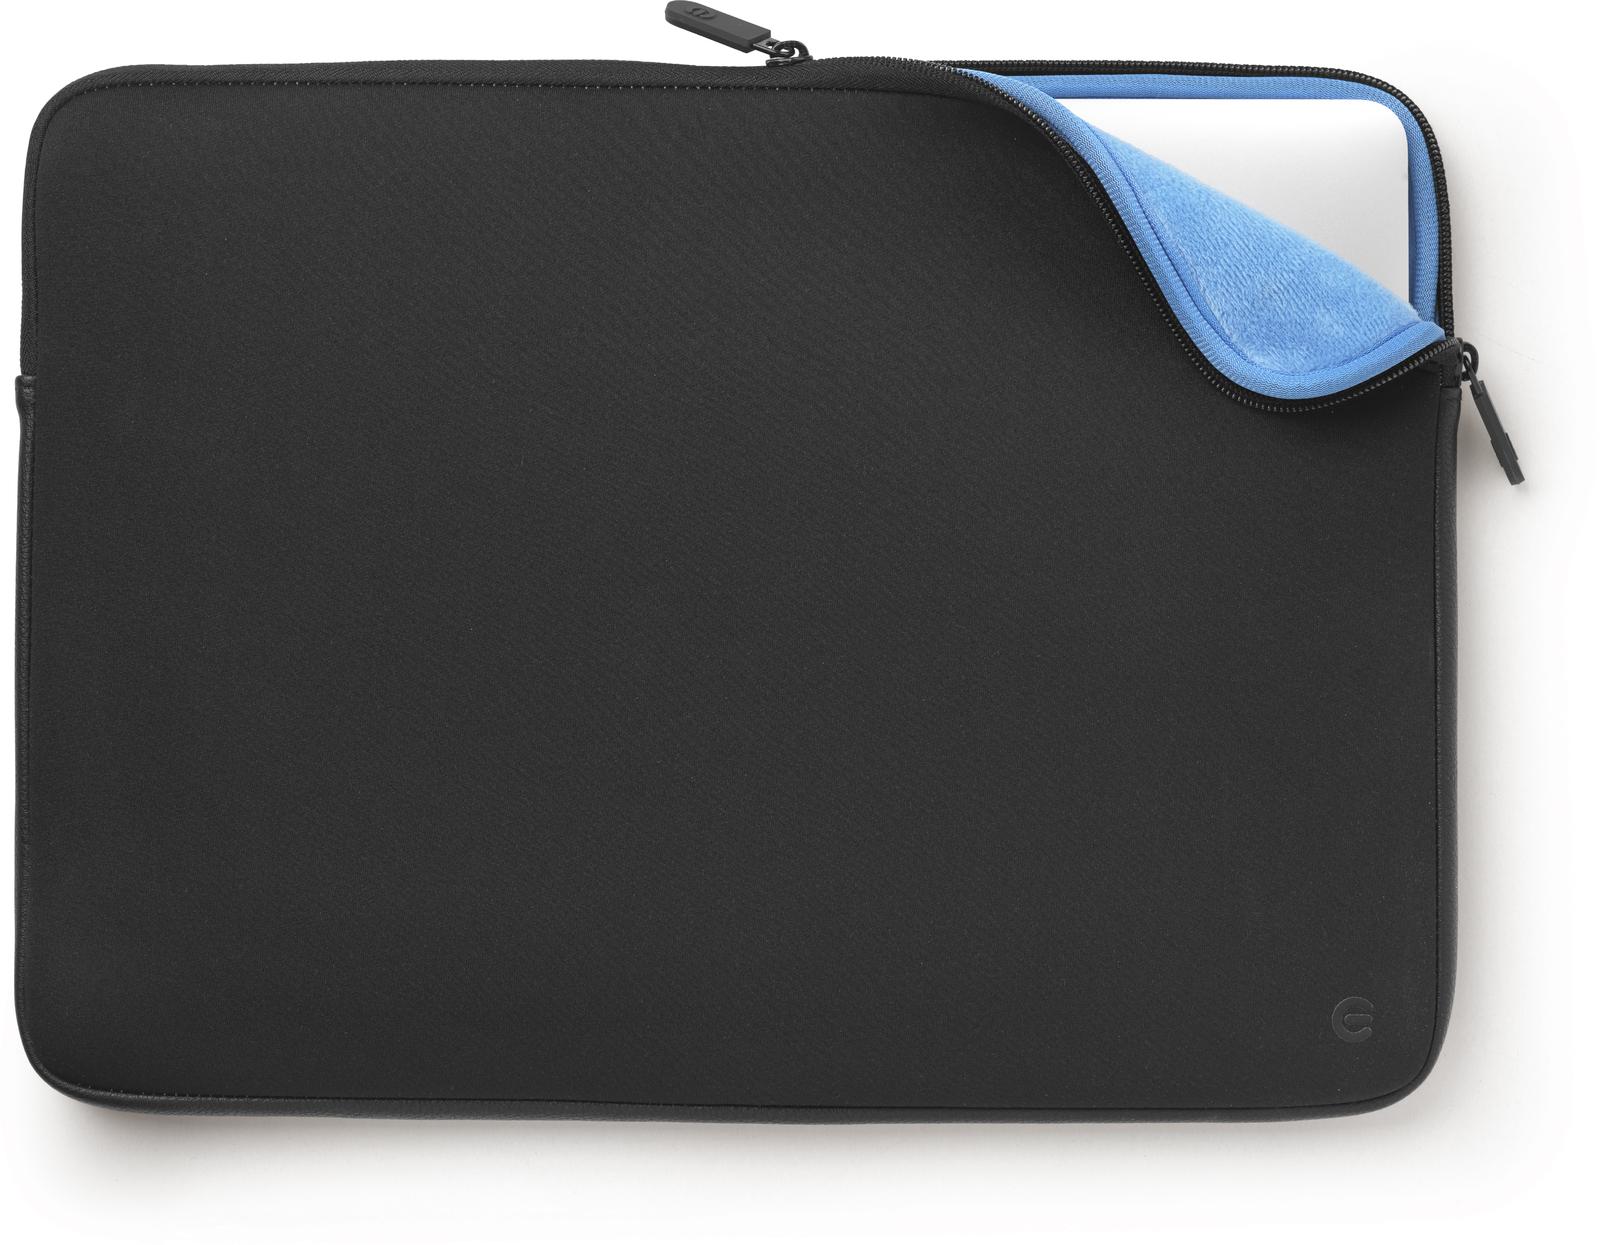 """Husa din neopren, Căptușeală de pluș, suprafata lavabila pentru Apple MacBook Pro 15"""" (Retina, Mid 2012) A1398 15"""" (Retina, Early 2013) A1398 15"""" (Retina, Late 2013) A1398 15"""" (Retina, Mid 2015) A1398 15"""" (Retina, Mid 2014) A1398"""